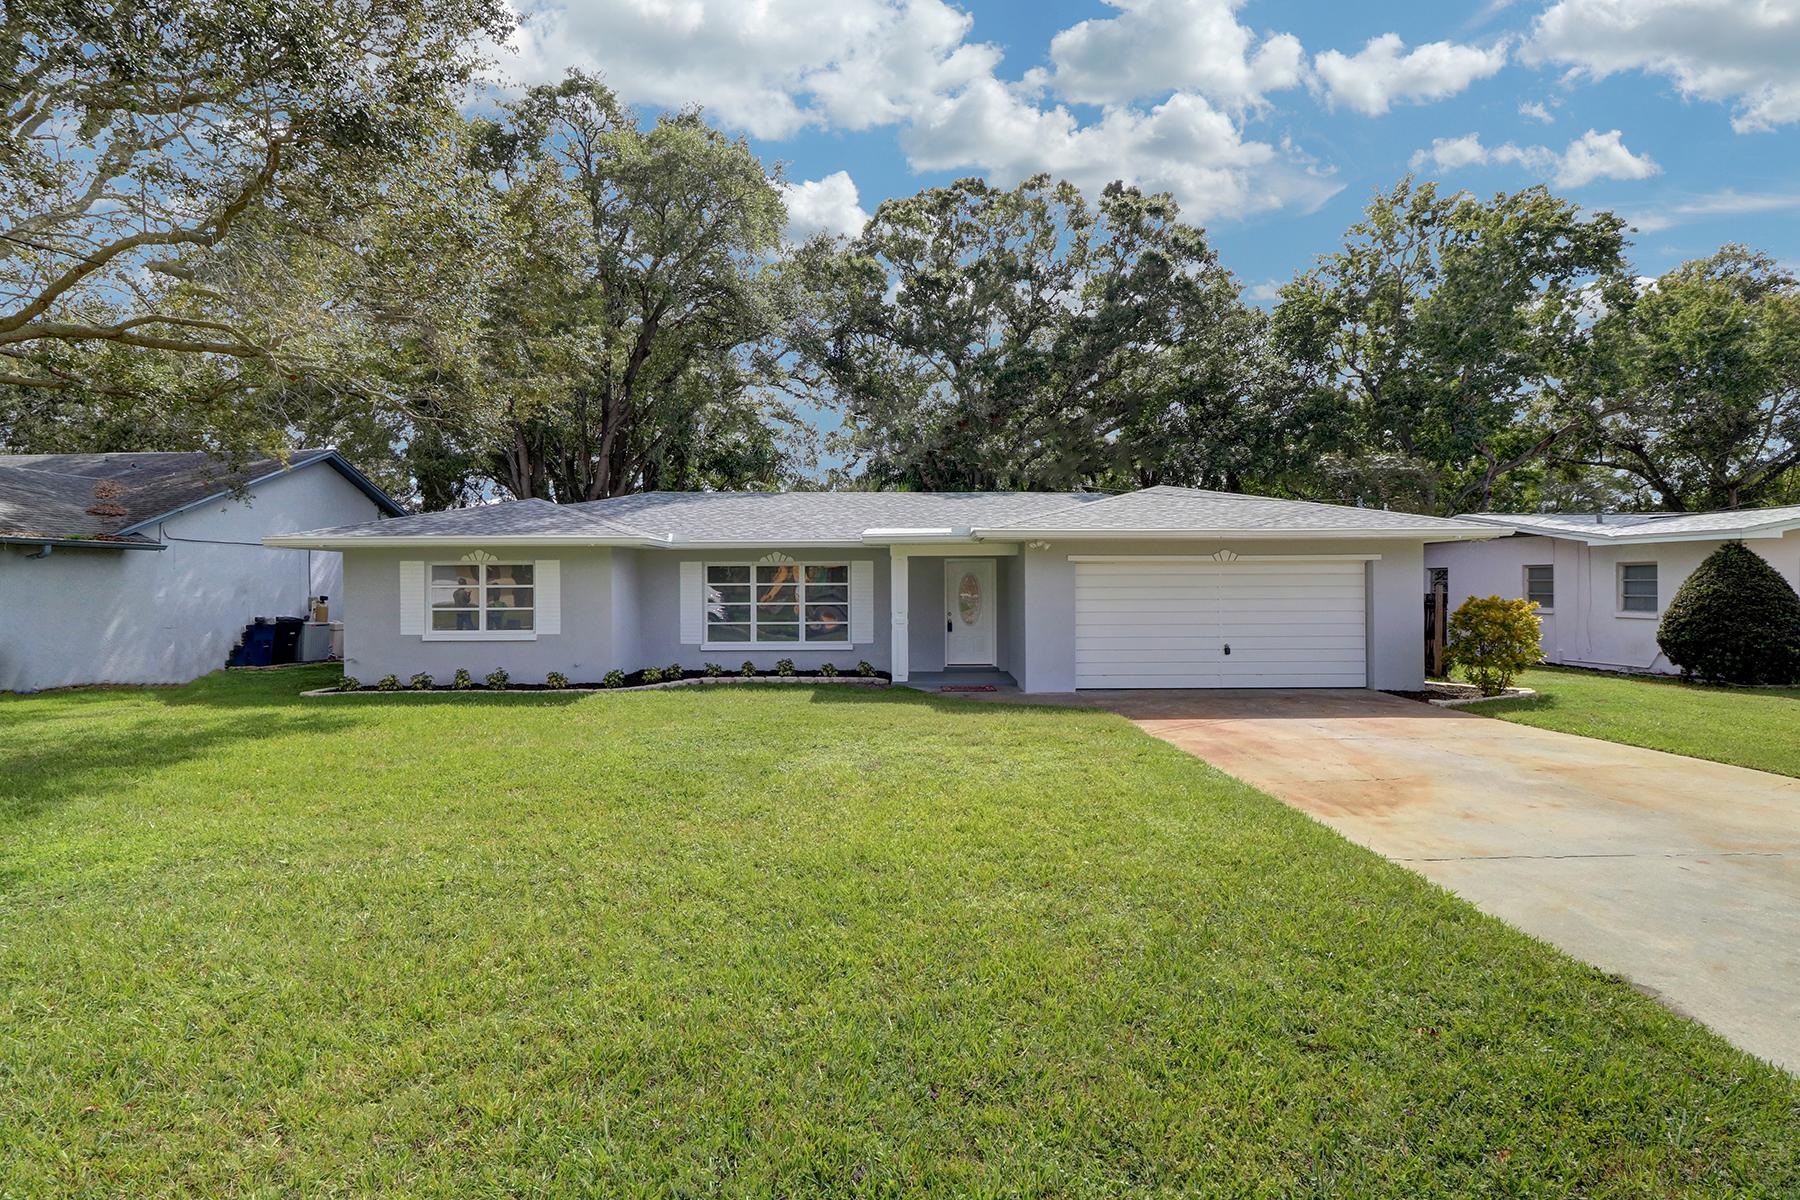 Maison unifamiliale pour l Vente à CLEARWATER 2167 Burnice Dr Clearwater, Florida, 33764 États-Unis